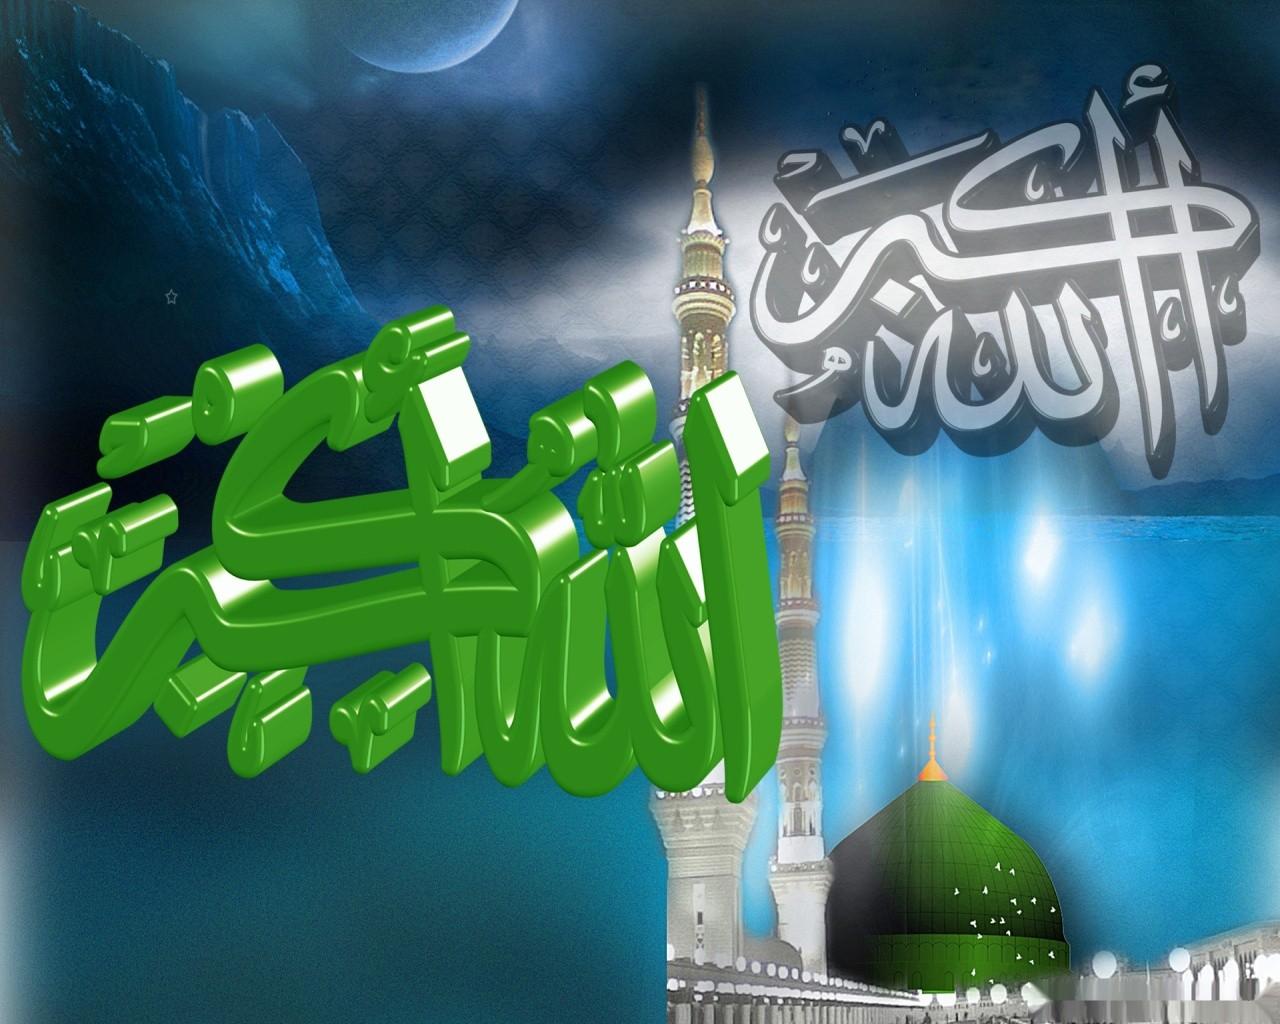 http://3.bp.blogspot.com/-9QkgA6SVhLw/UNryYnqJj-I/AAAAAAAAAcA/5xENiZSdTng/s1600/allah_o_akbar_green_wallpaper-1280x1024.jpg